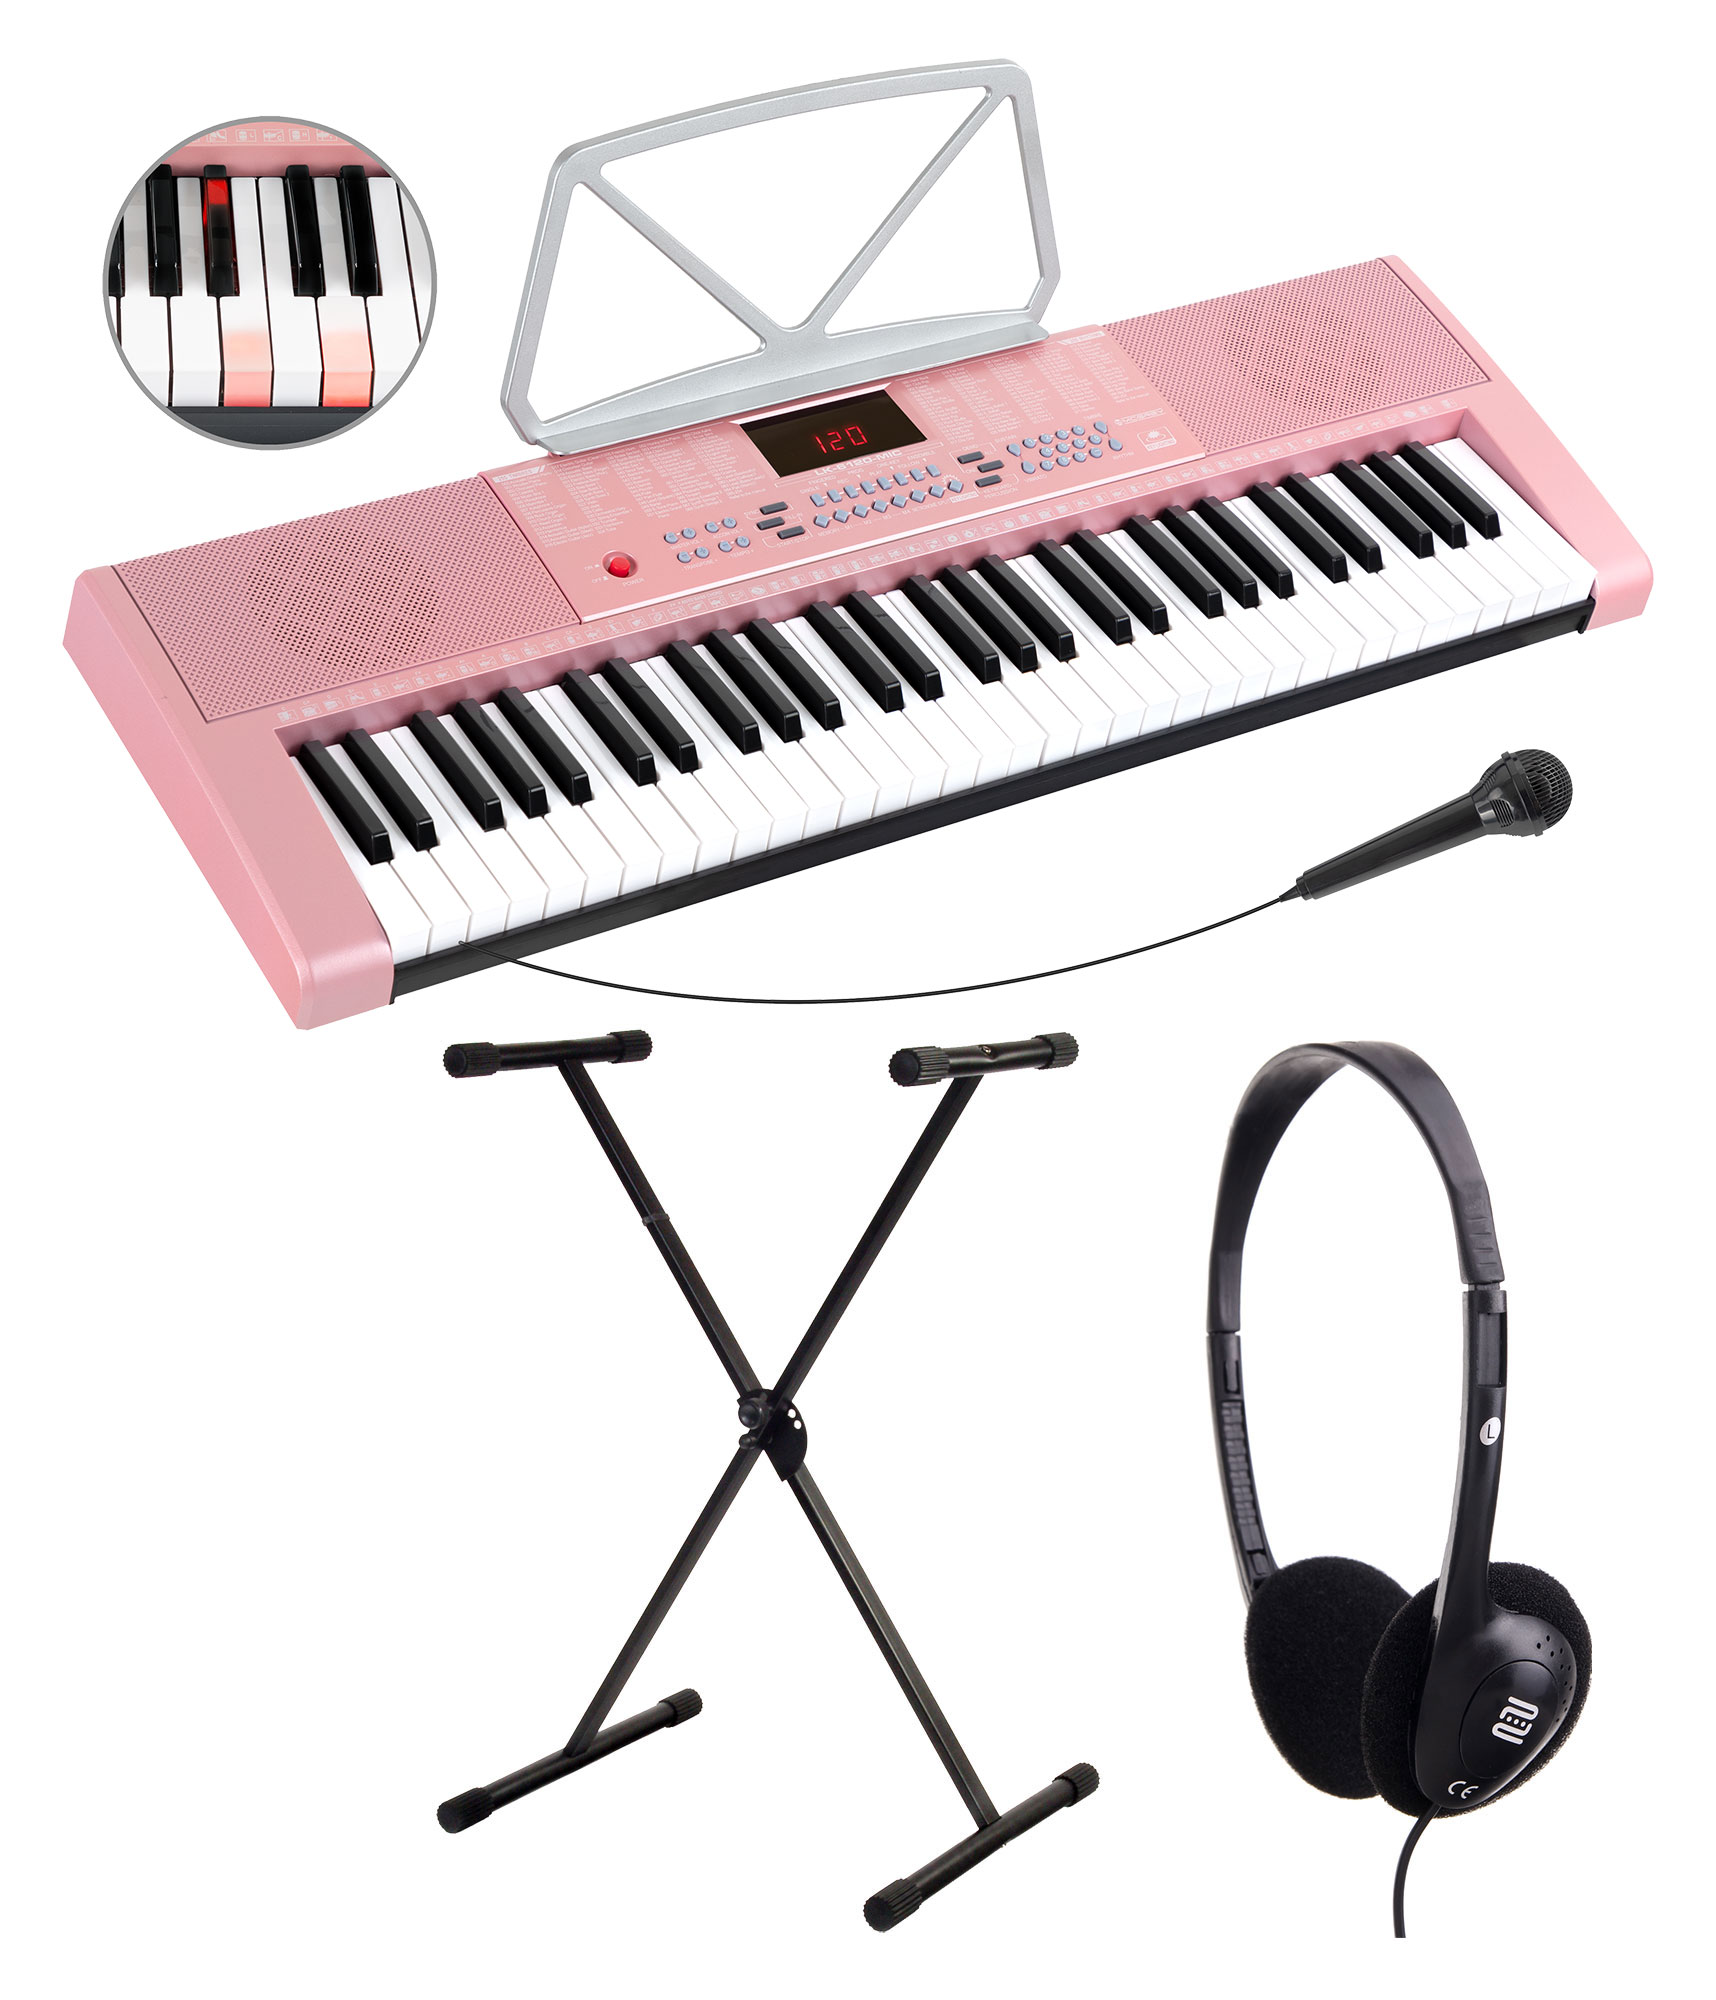 Homekeyboards - McGrey LK 6120 MIC Leuchttasten Keyboard mit Mikrofon Set inkl. Ständer und Kopfhörer pink - Onlineshop Musikhaus Kirstein